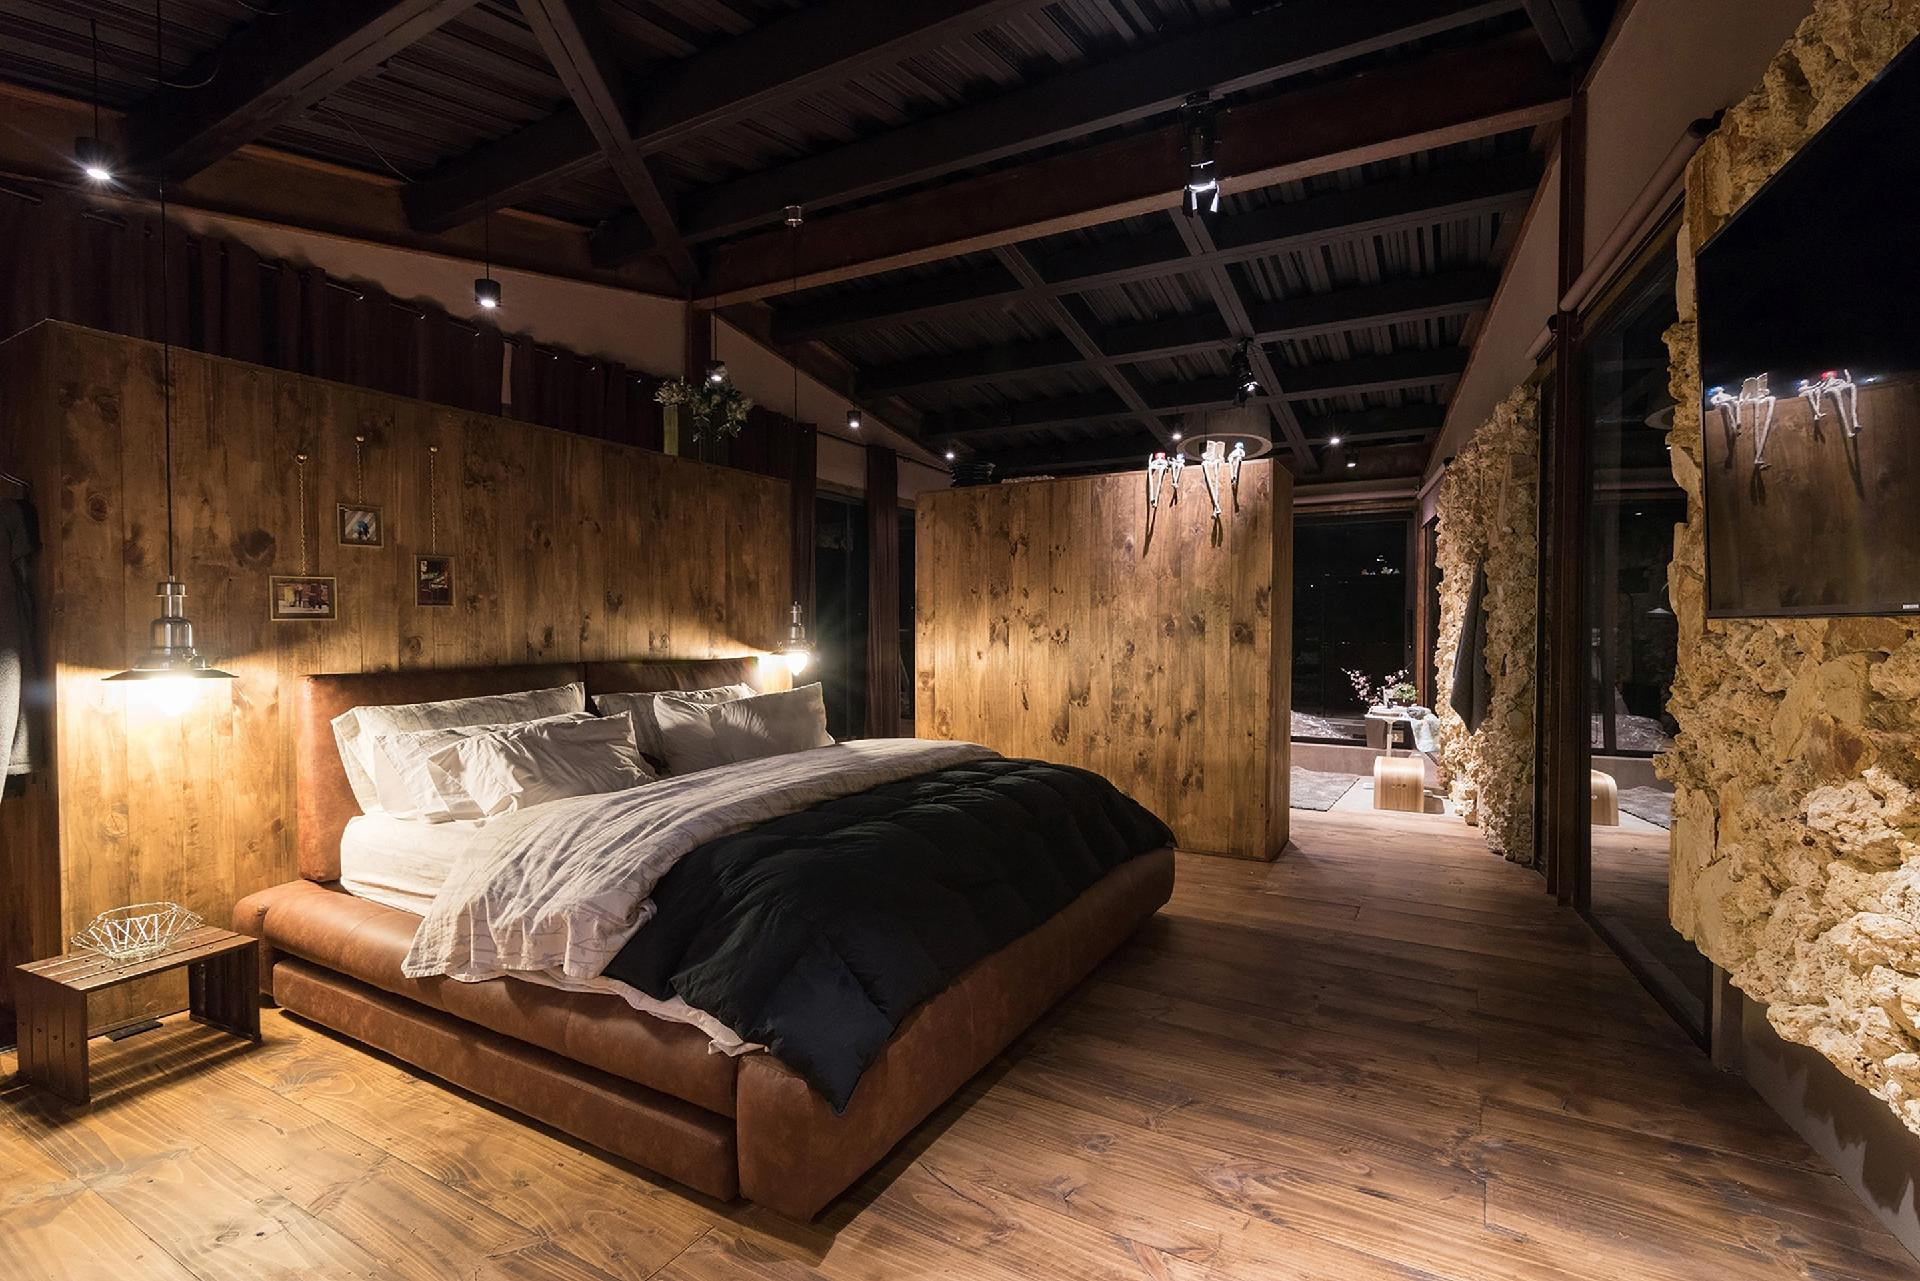 c951e3500c Os dormitórios da casa Gozu dão continuidade ao uso de tons escuros e ares  rústicos dos